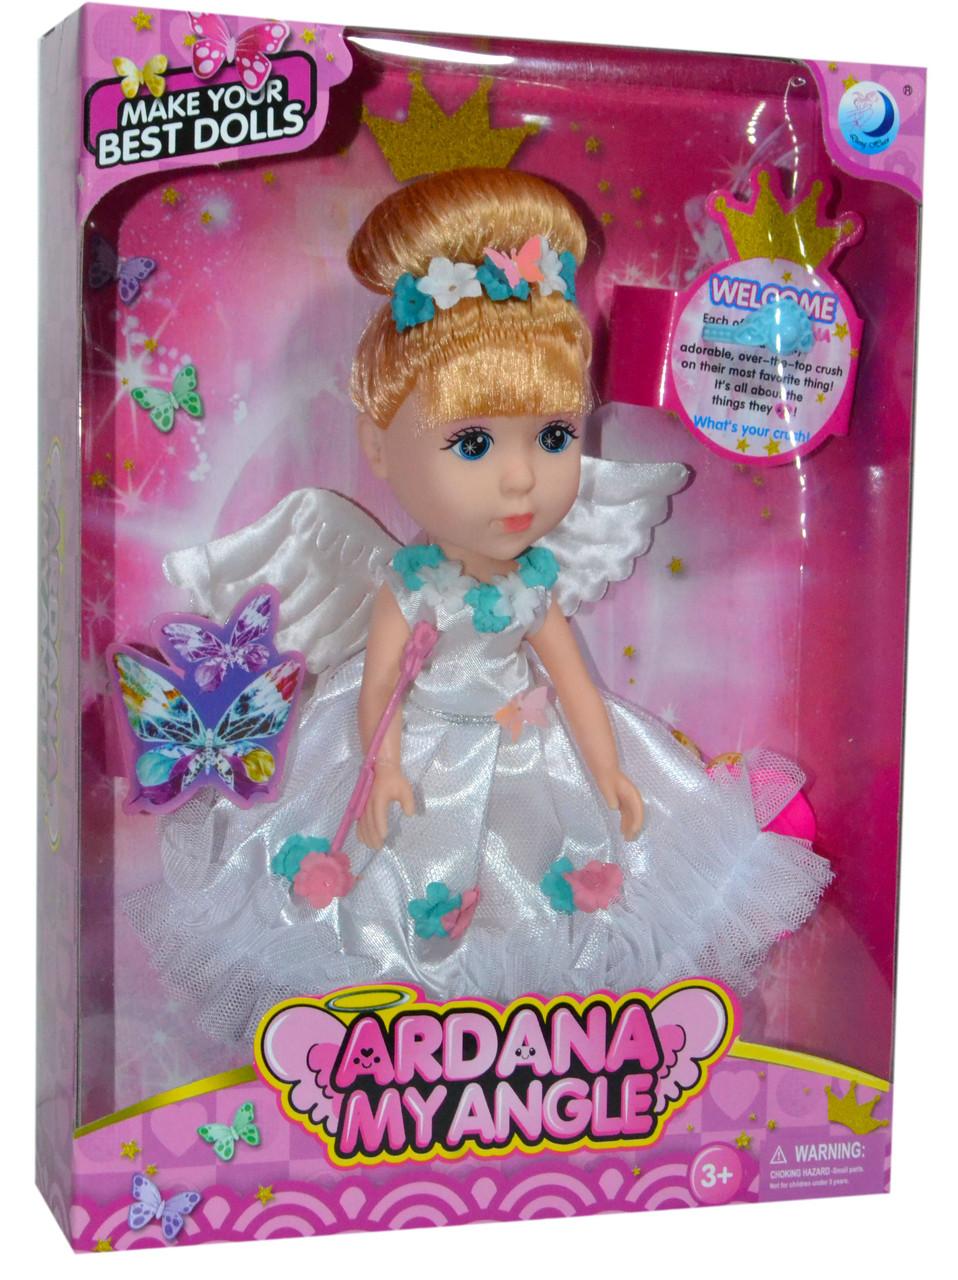 A253 Ардана кукла Ardana my angel ангел с крыльями с аксессуарами 29*21